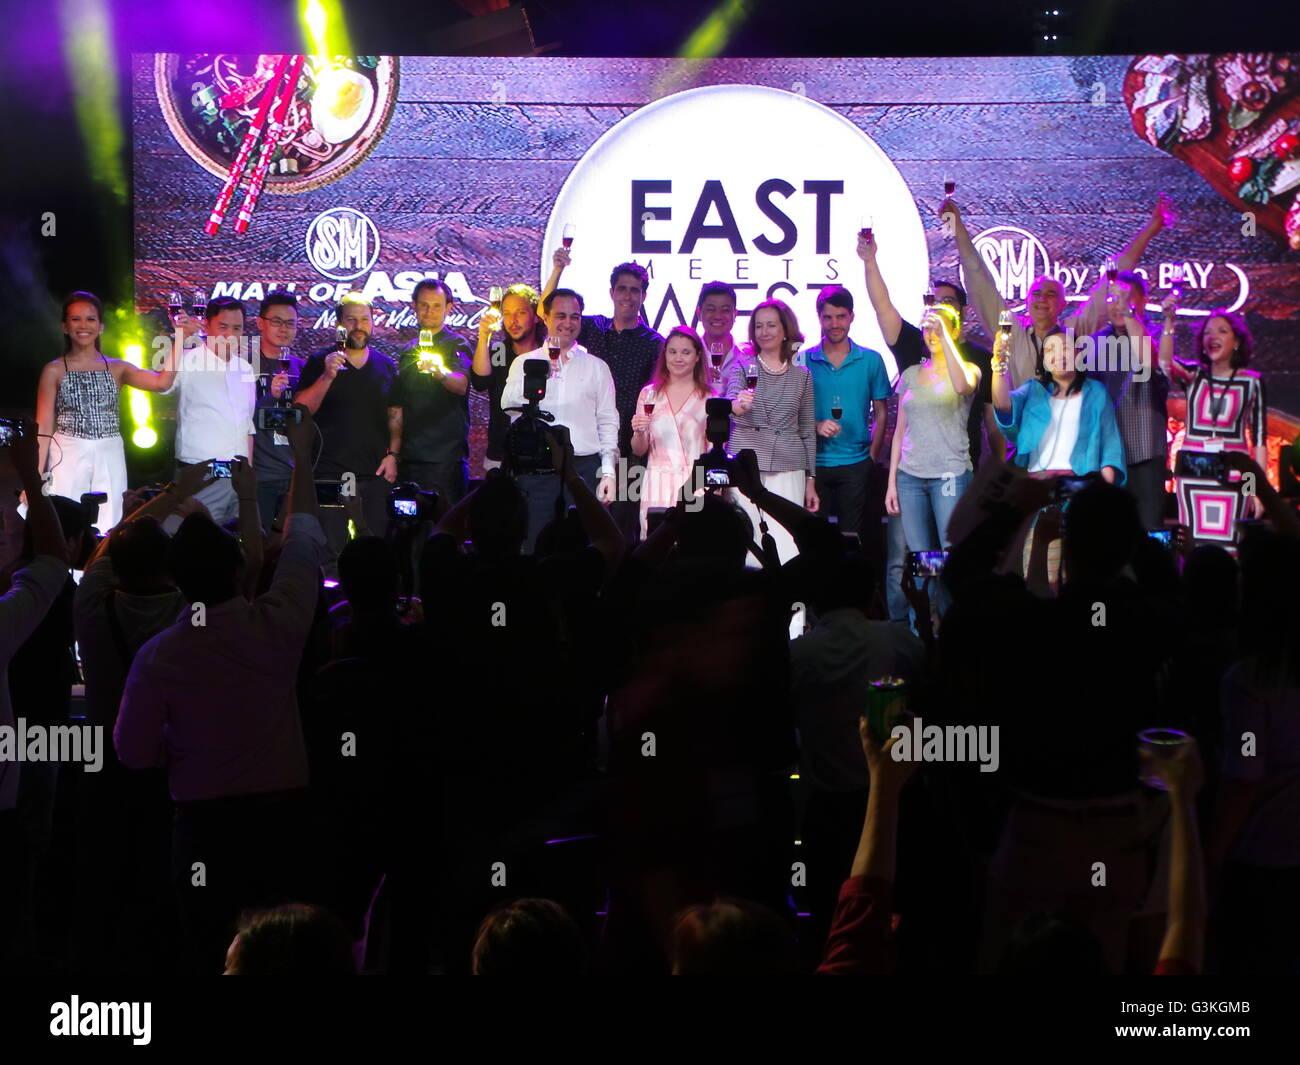 east meet west